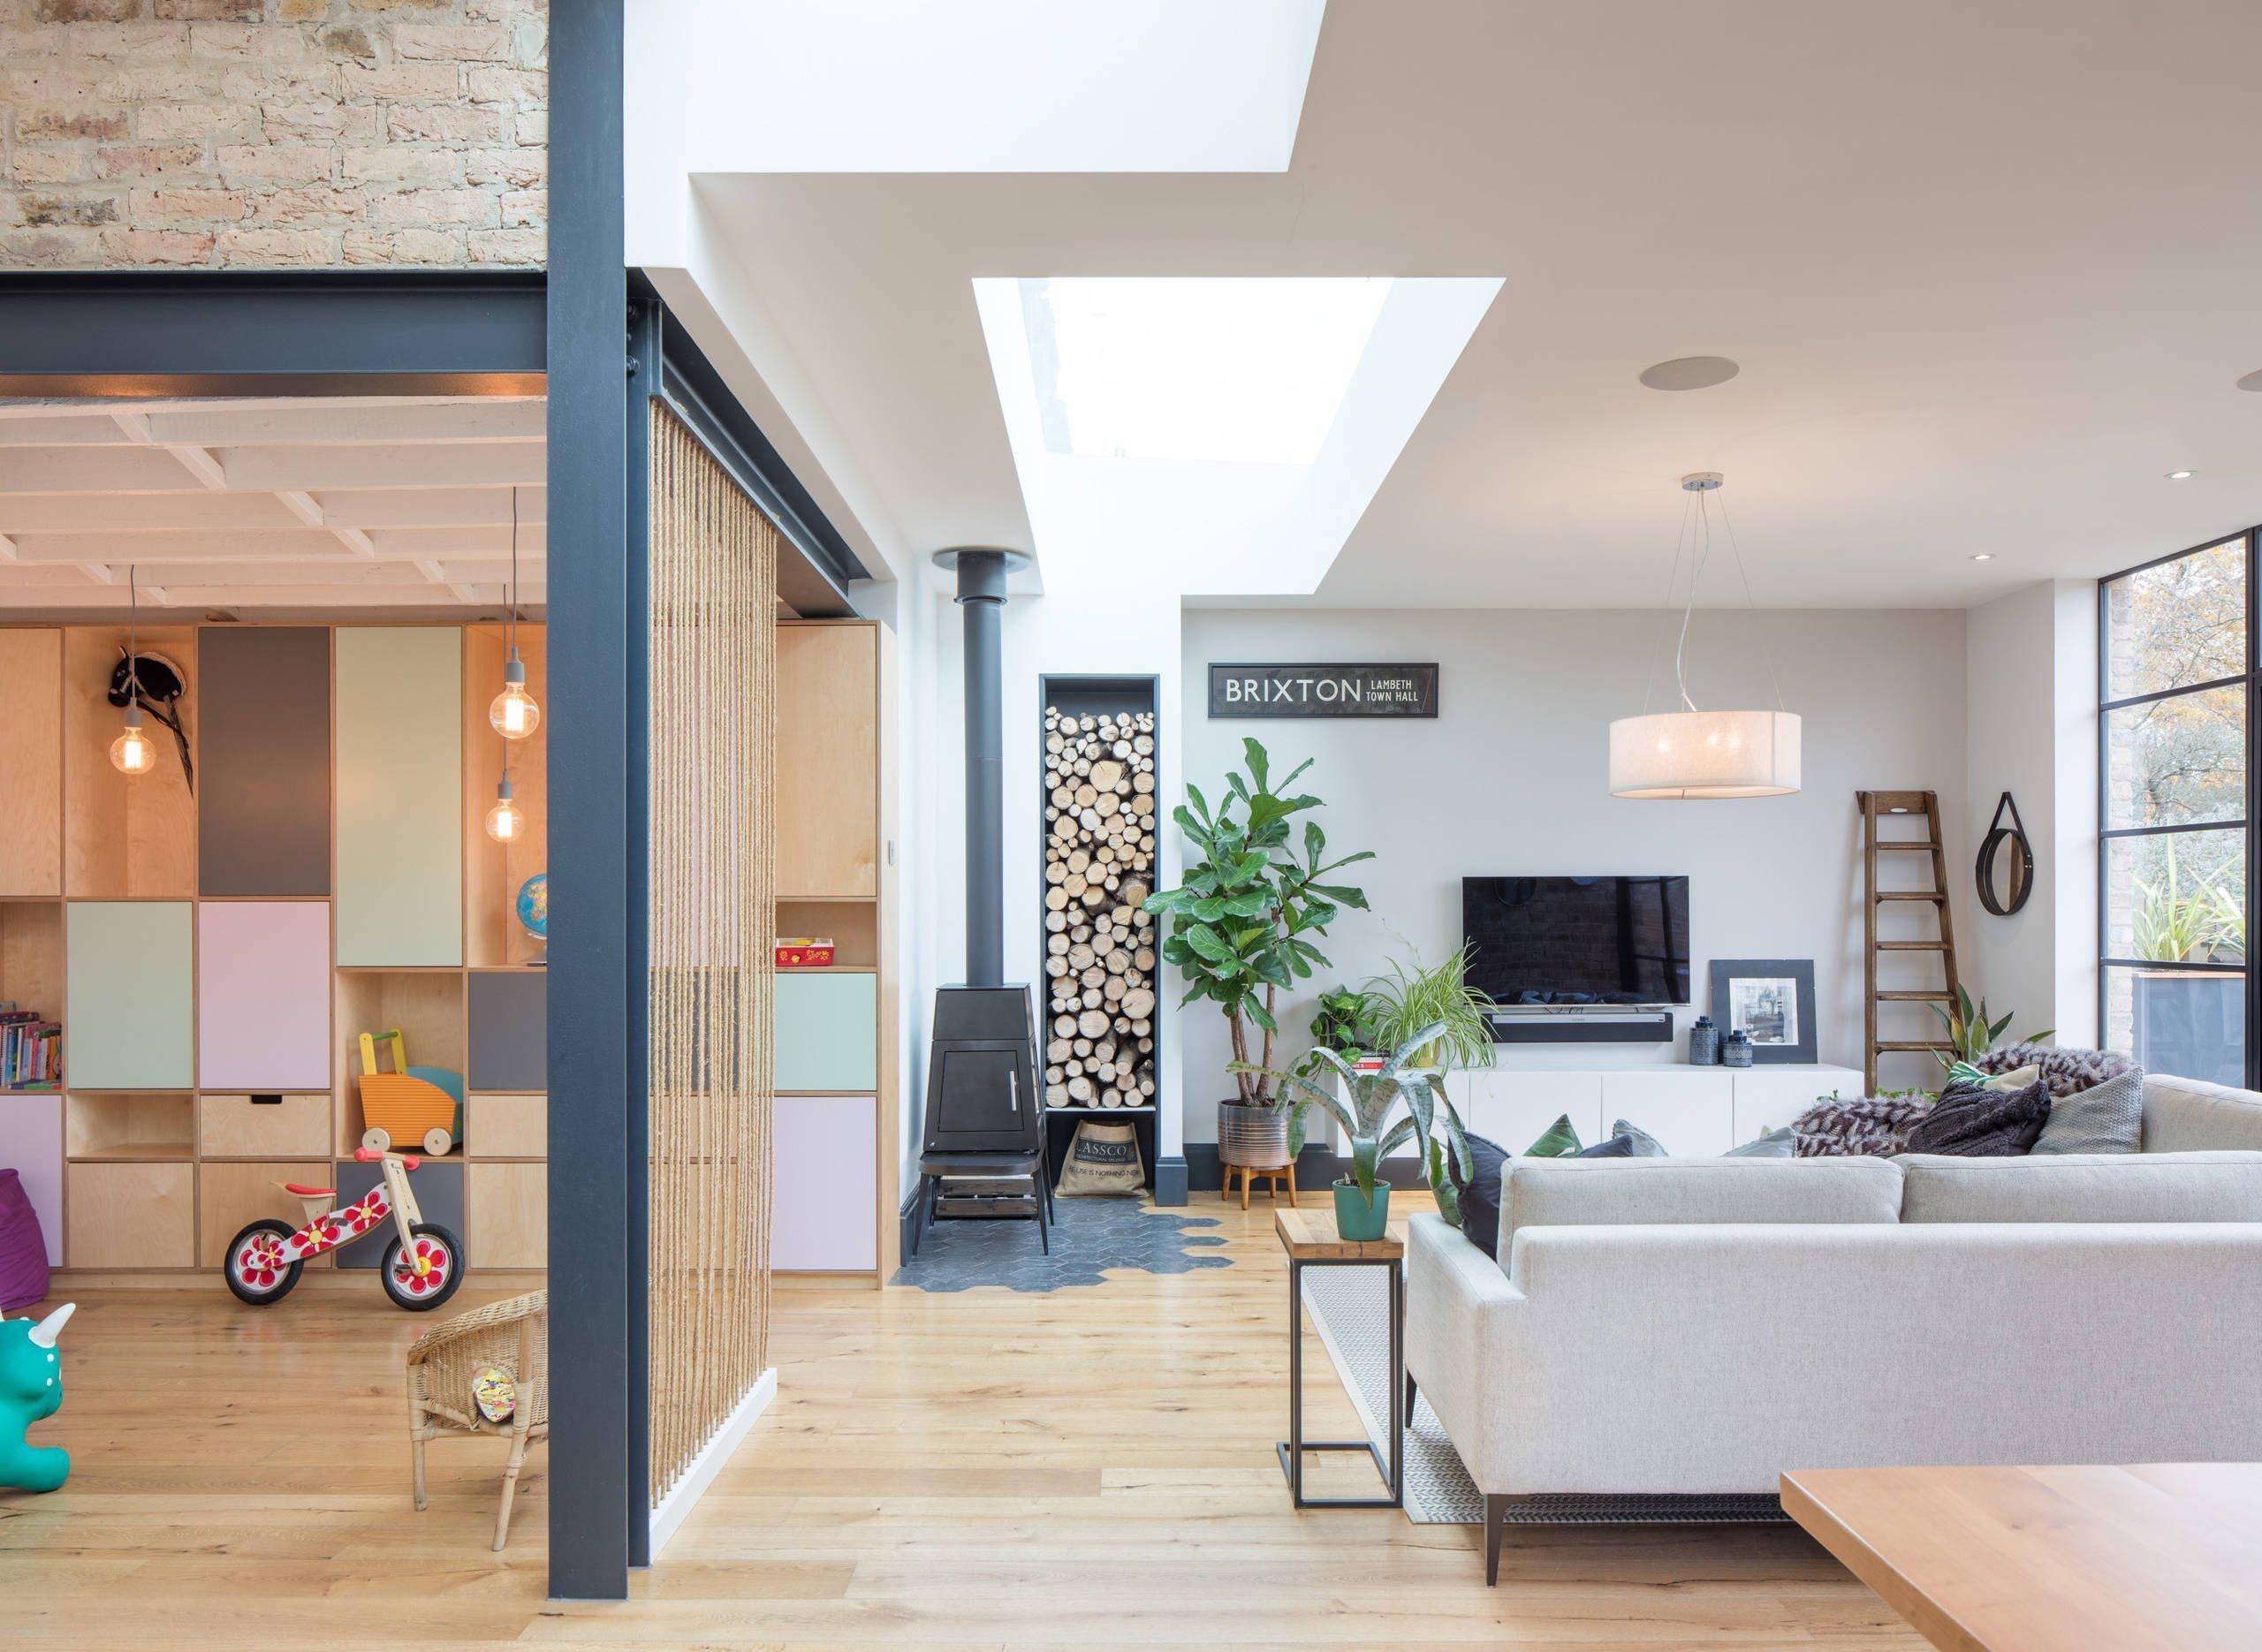 Barevný, prostorný, ale i vhodný pro bydlení s dětmi. Přesně takto by se dal charakterizovat tento rodinný dům, který nám nabízí nejen velký prostor k životu, ale také kombinaci materiálů, které dohromady tvoří jeden úžasný celek. Architekti si navíc bravurně pohráli s dispozičním řešením domu, takže své soukromí si zde najde každý.